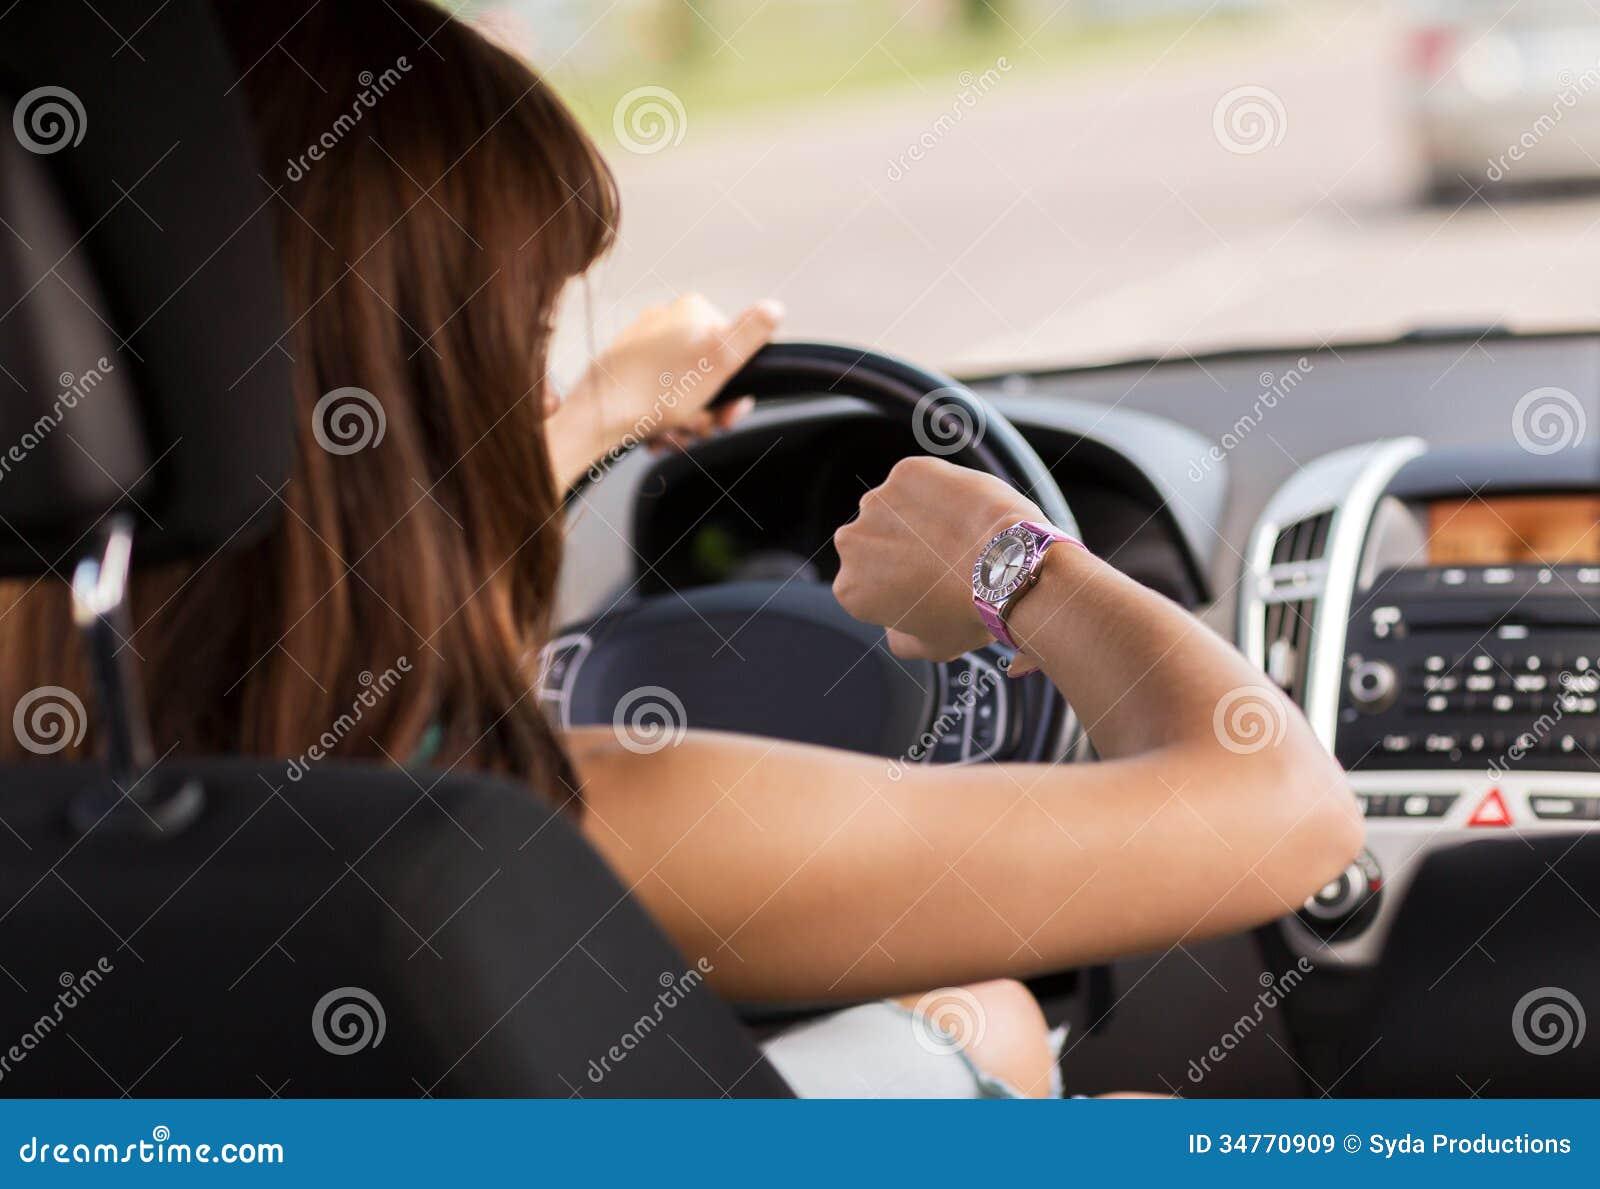 Frauenautofahren und Betrachten der Uhr